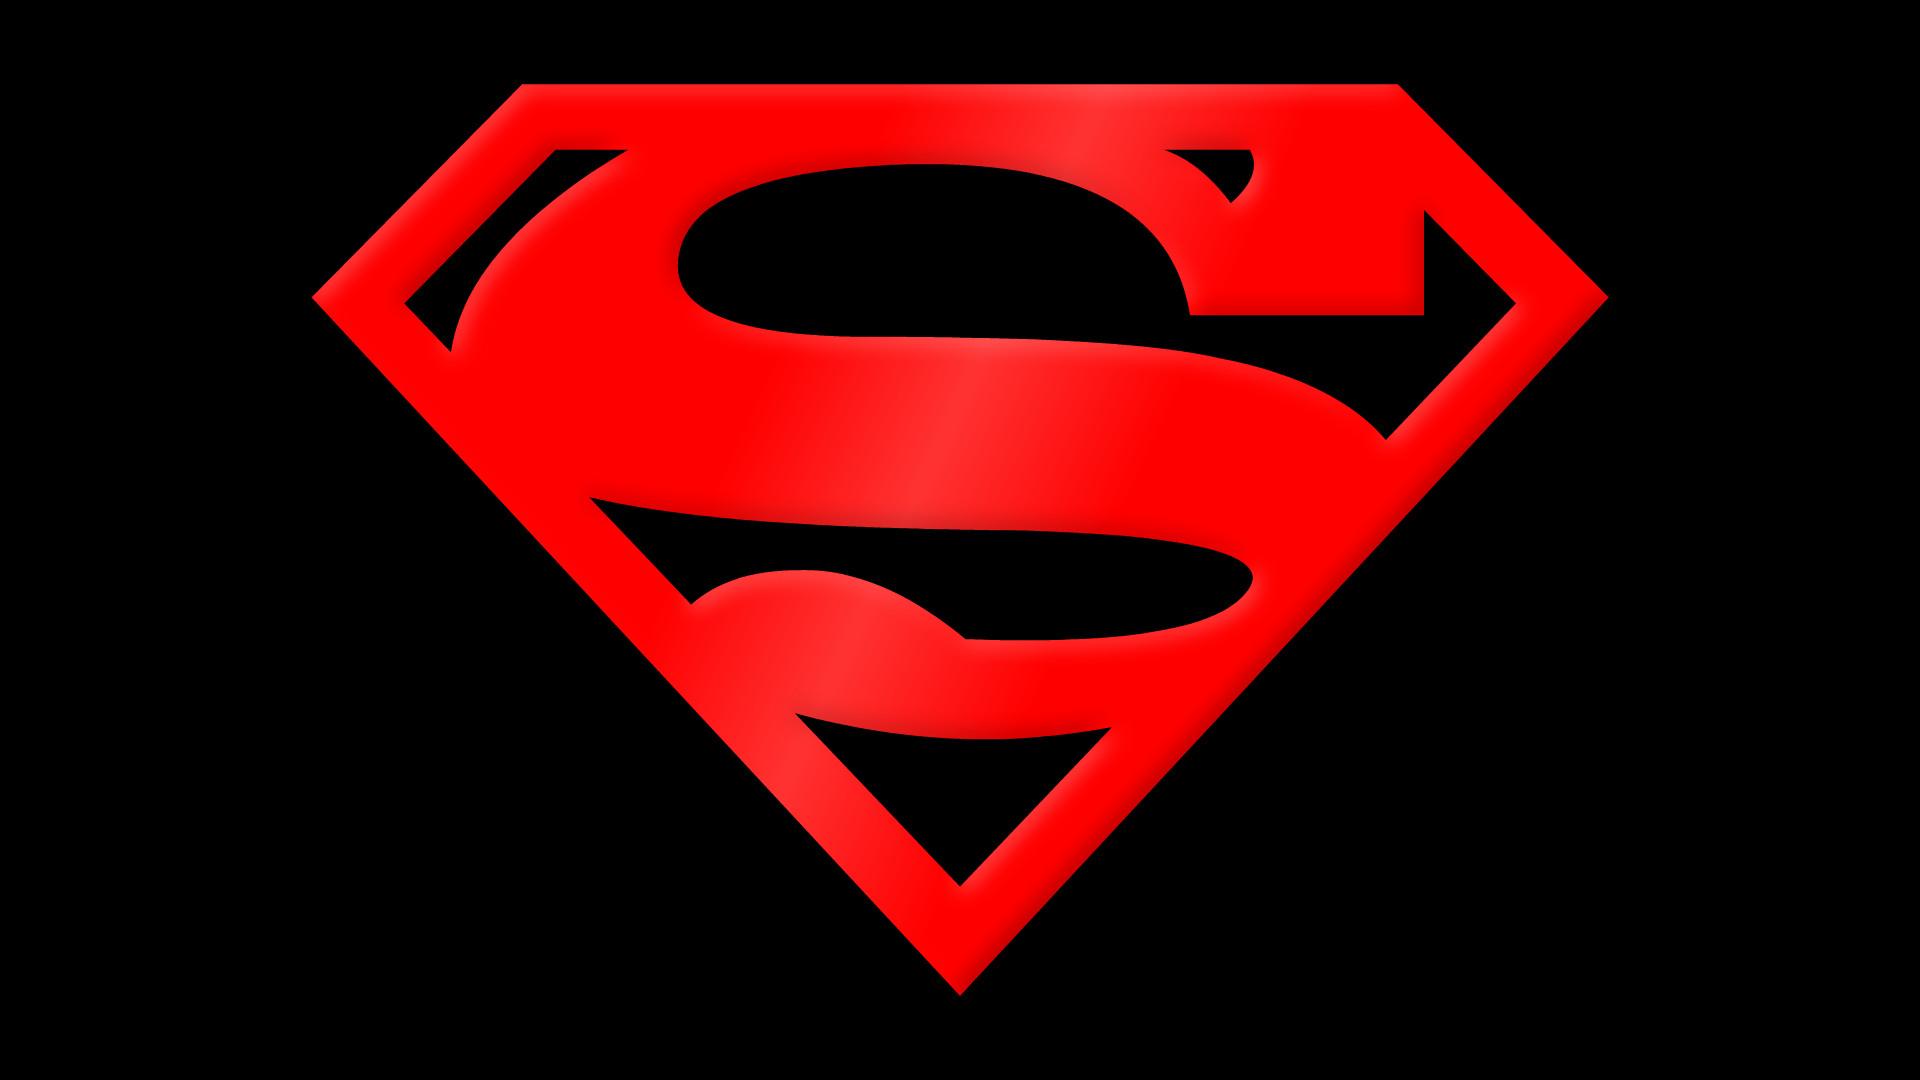 Res: 1920x1080, Superboy Symbol by Yurtigo Superboy Symbol by Yurtigo